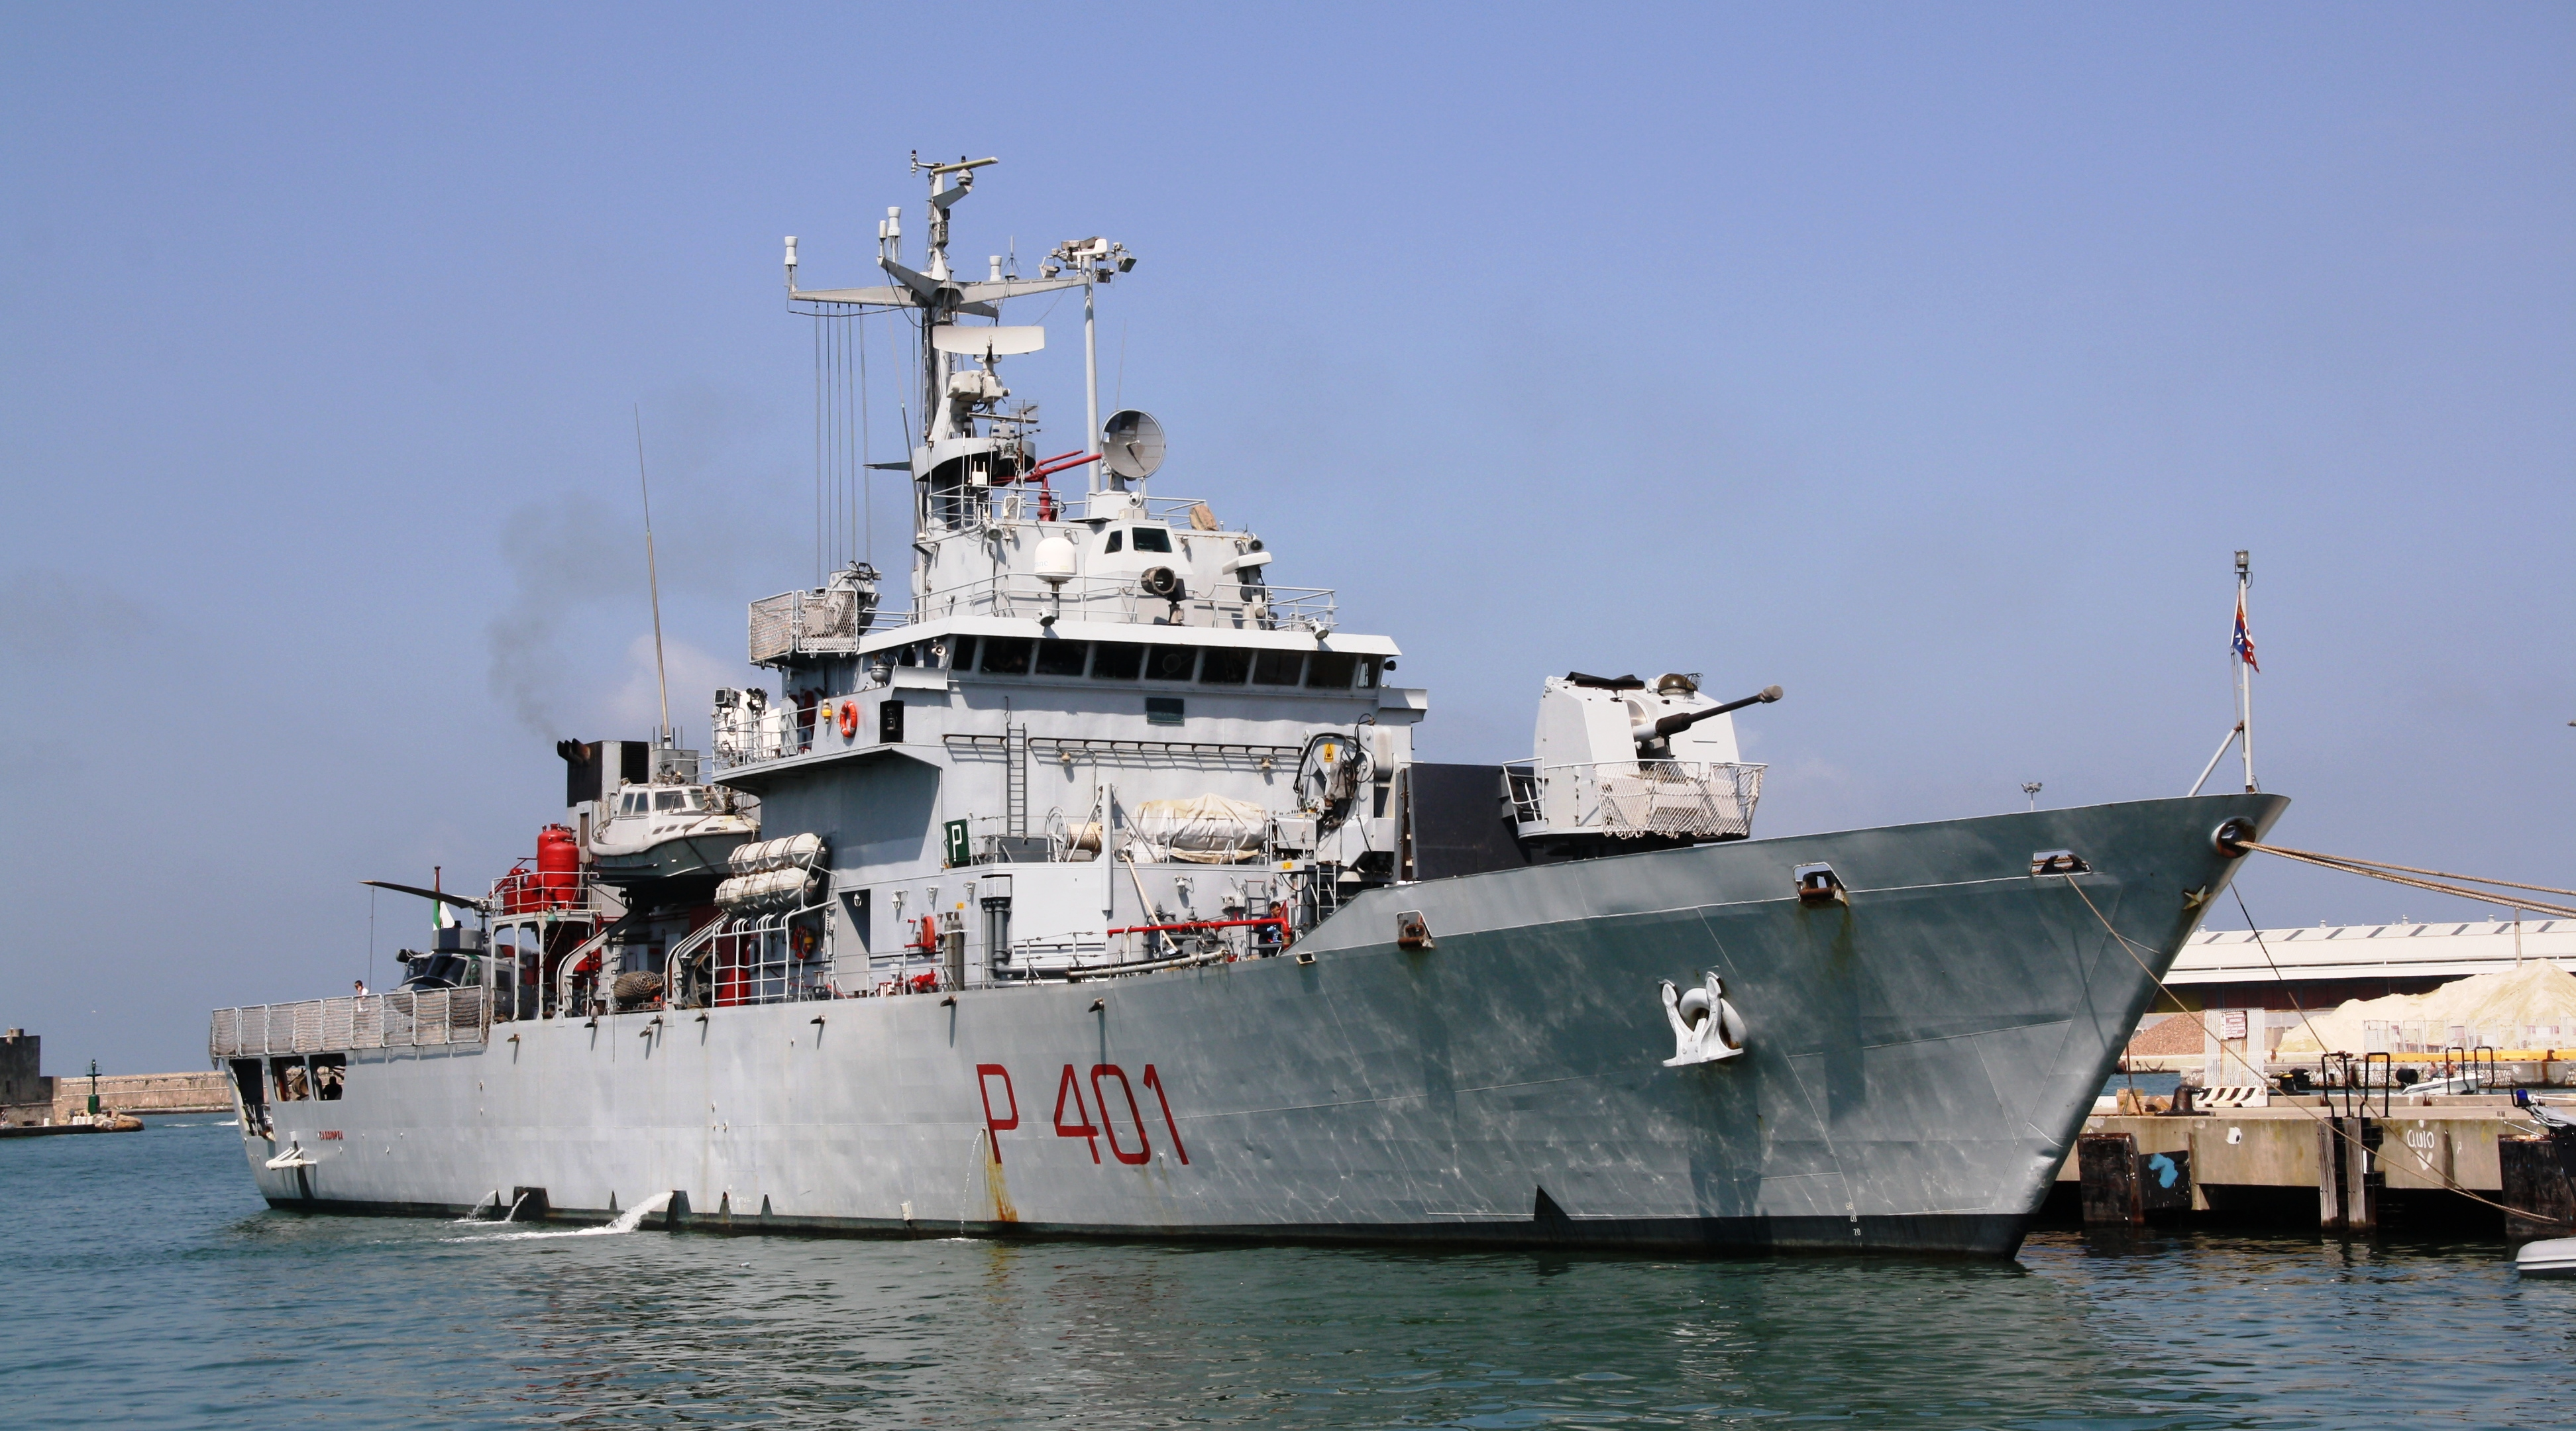 Arrivata al porto di Pozzallo la nave della Marina 'Cassiopea' con 29 migranti